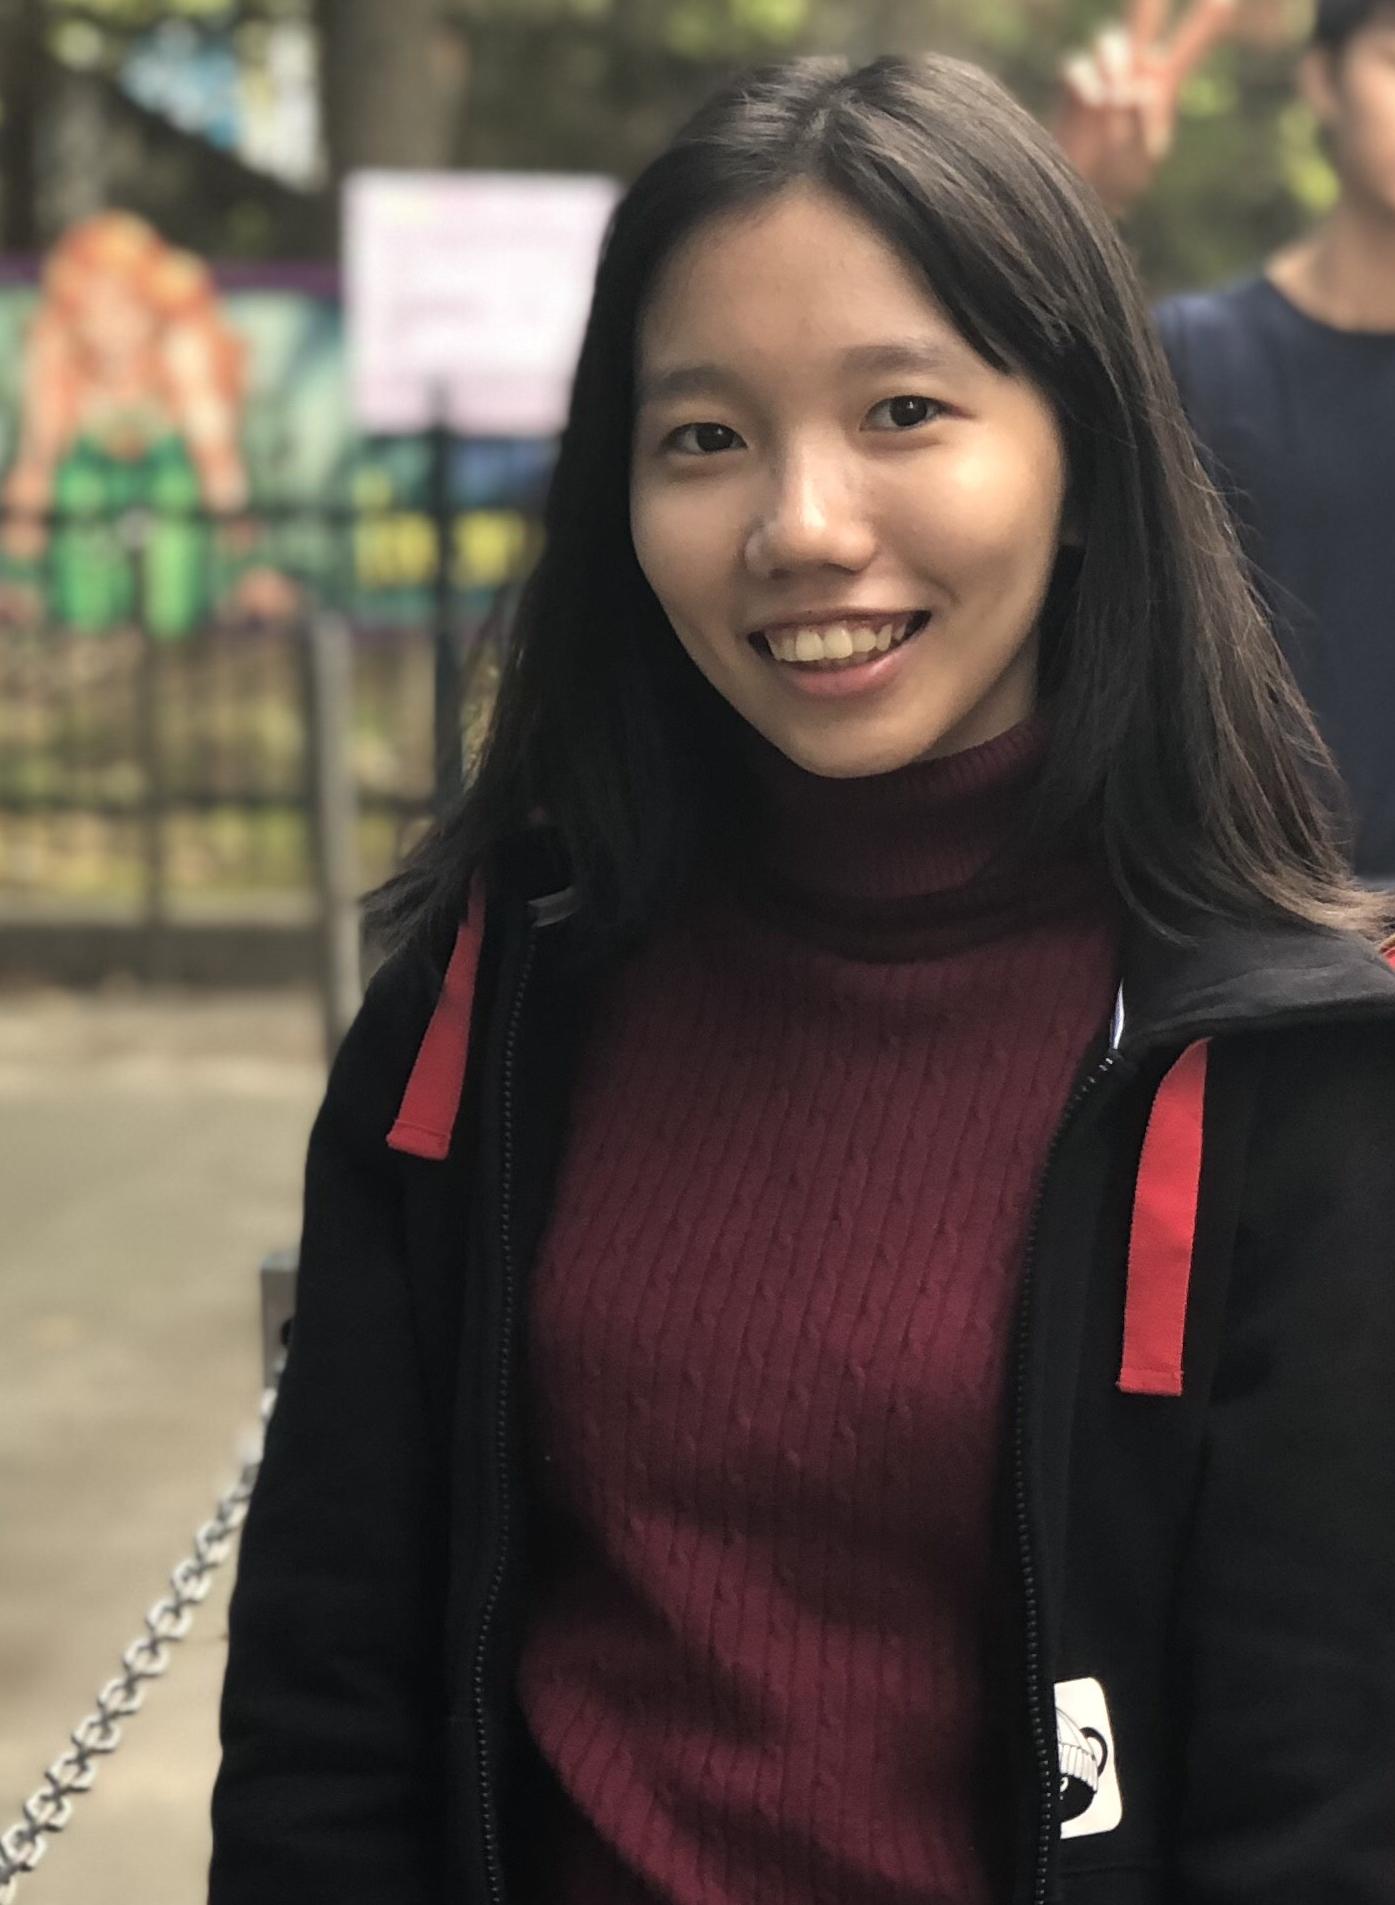 Yun Eain